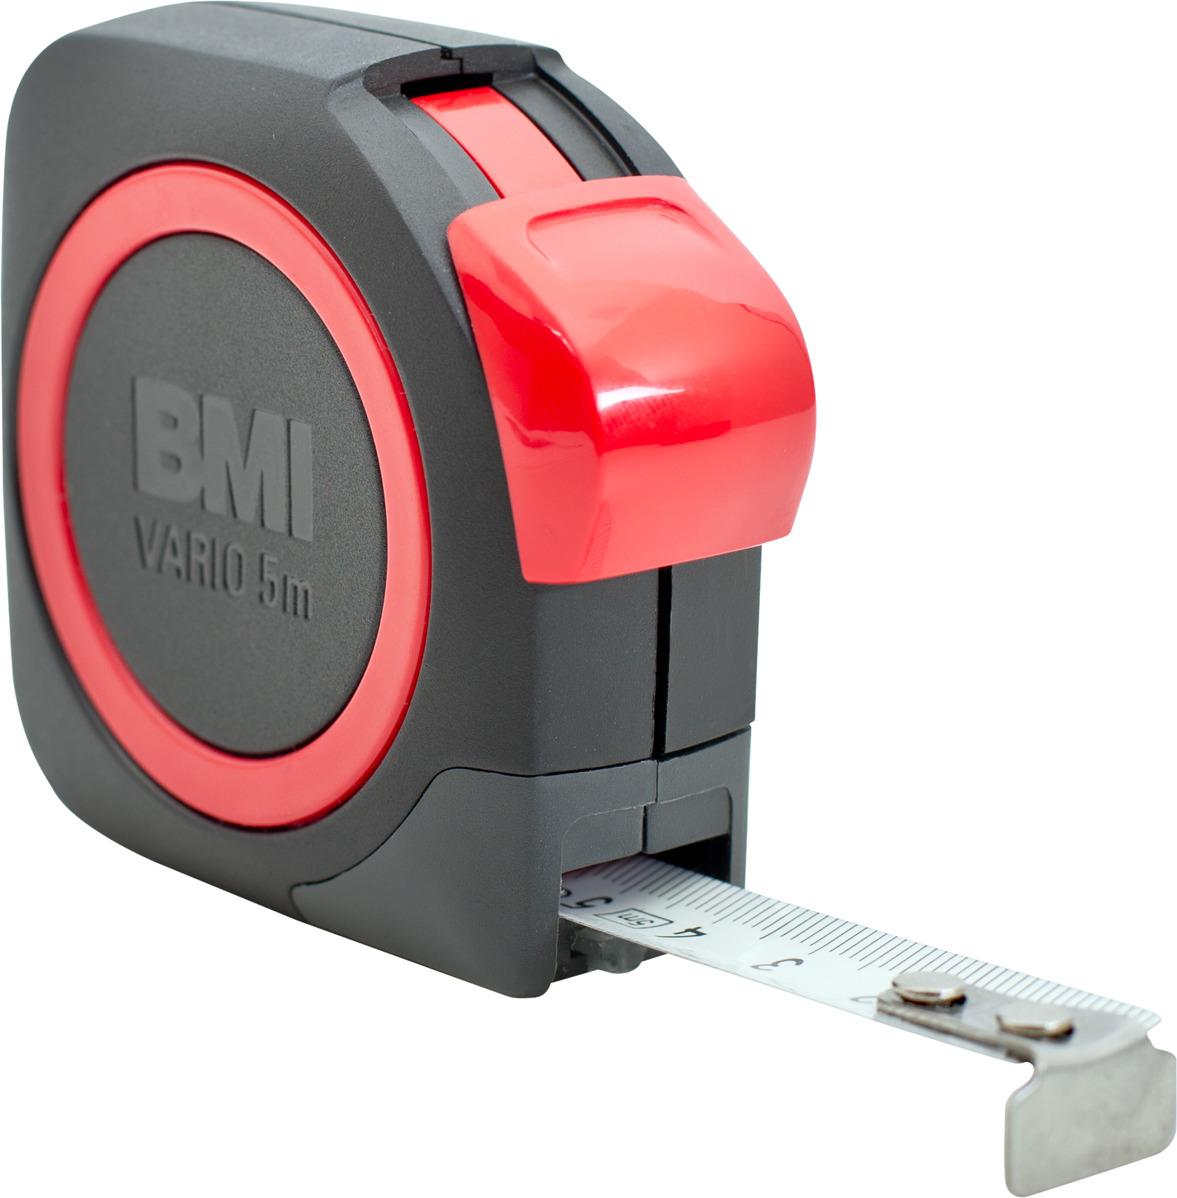 Измерительная рулетка BMI Vario, 411541120, 5 м